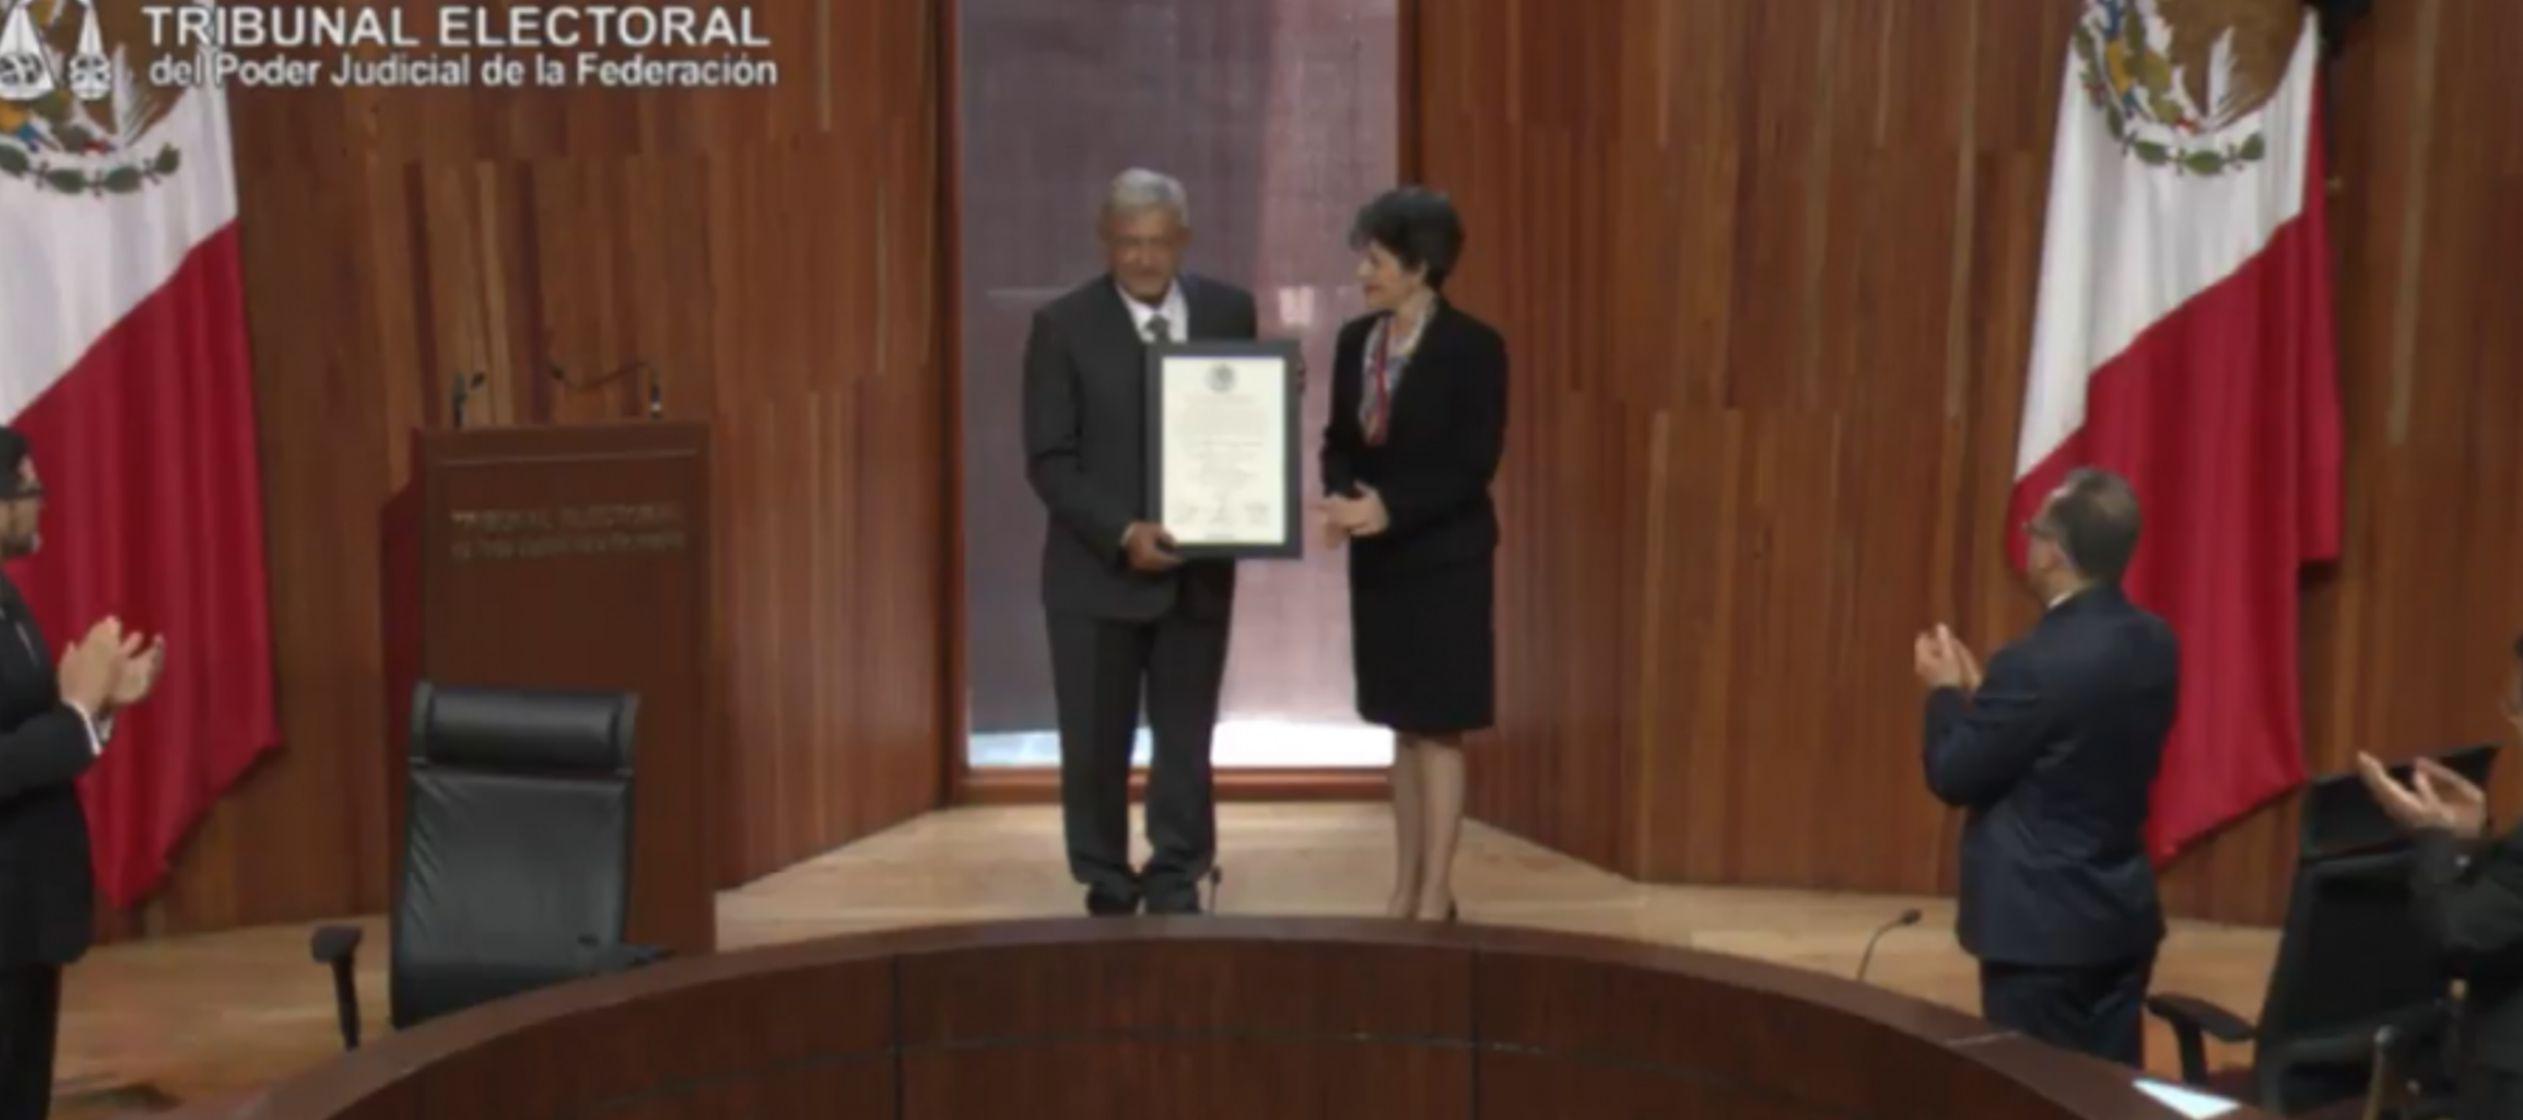 López Obrador, quien asumirá la Presidencia el próximo 1 de diciembre, fue...